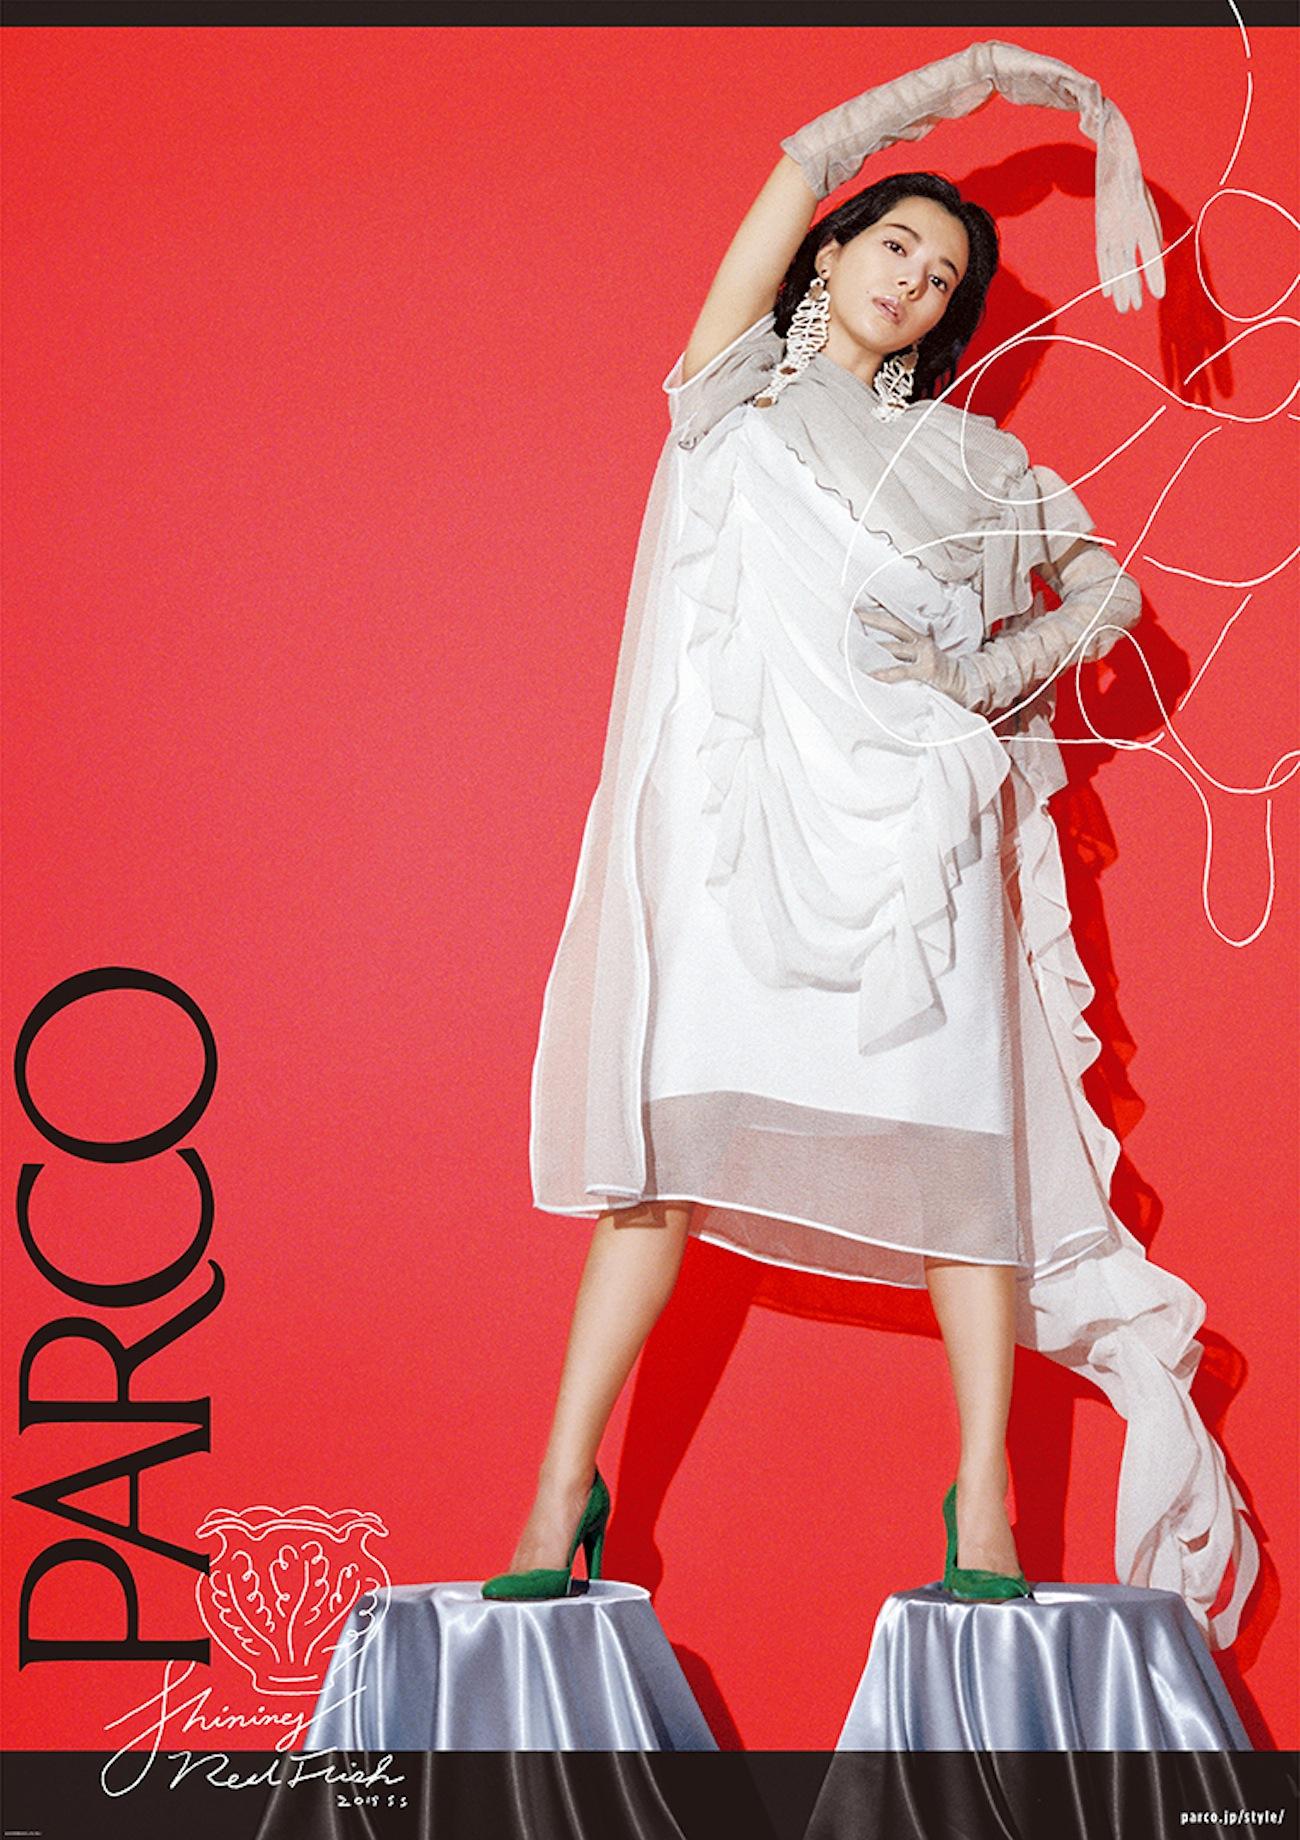 PARCO・2019年春夏シーズン ポスター(モデル:桜井ユキ)